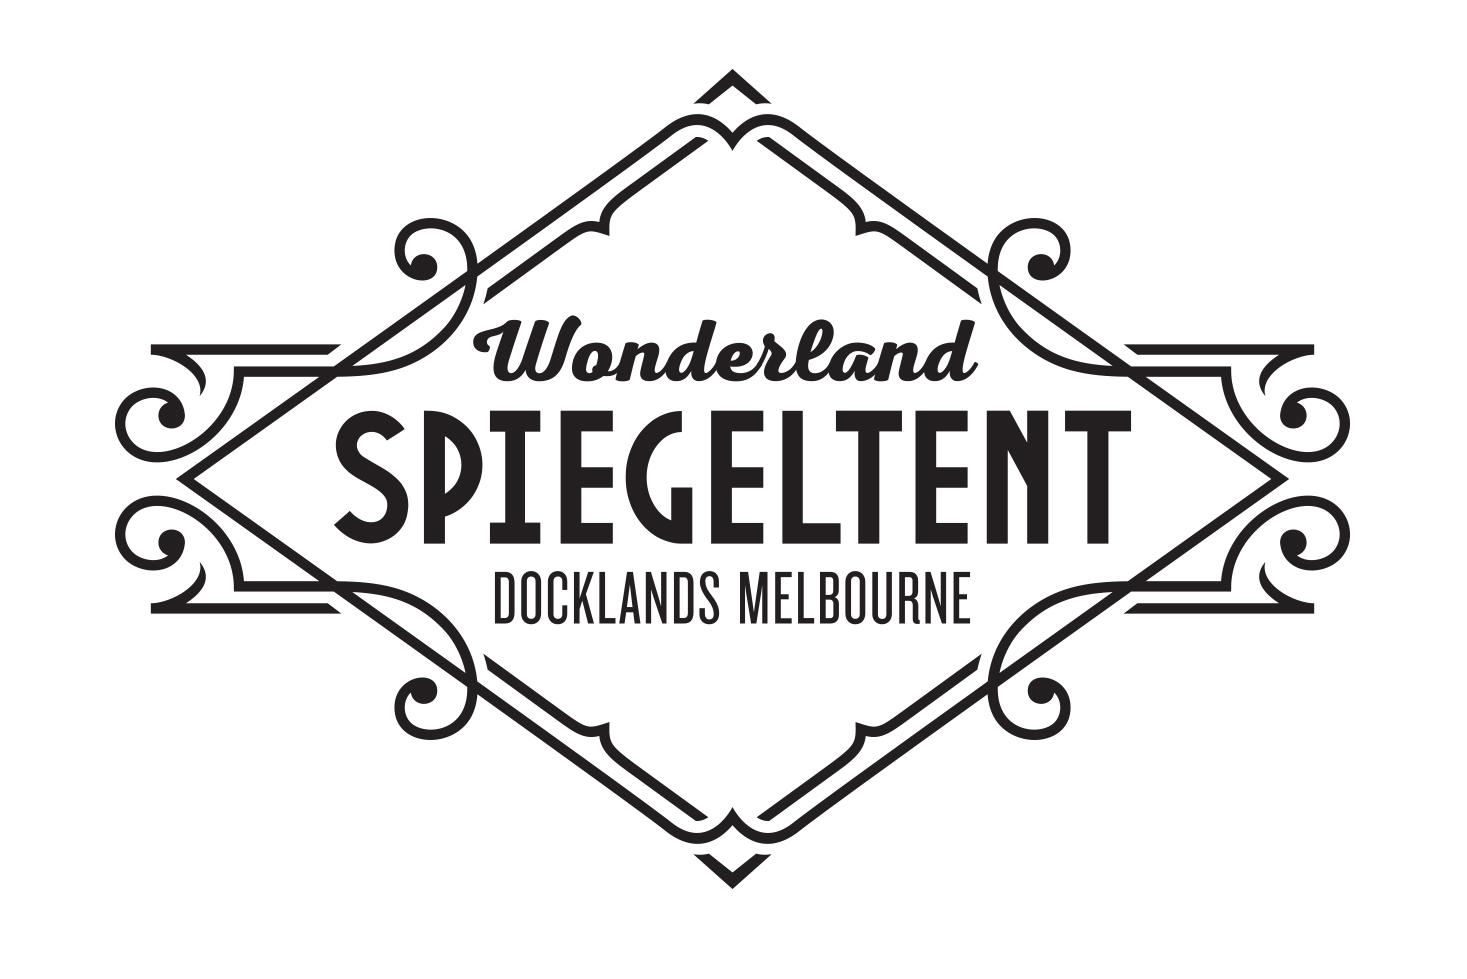 Wonderland Under the Melbourne Star